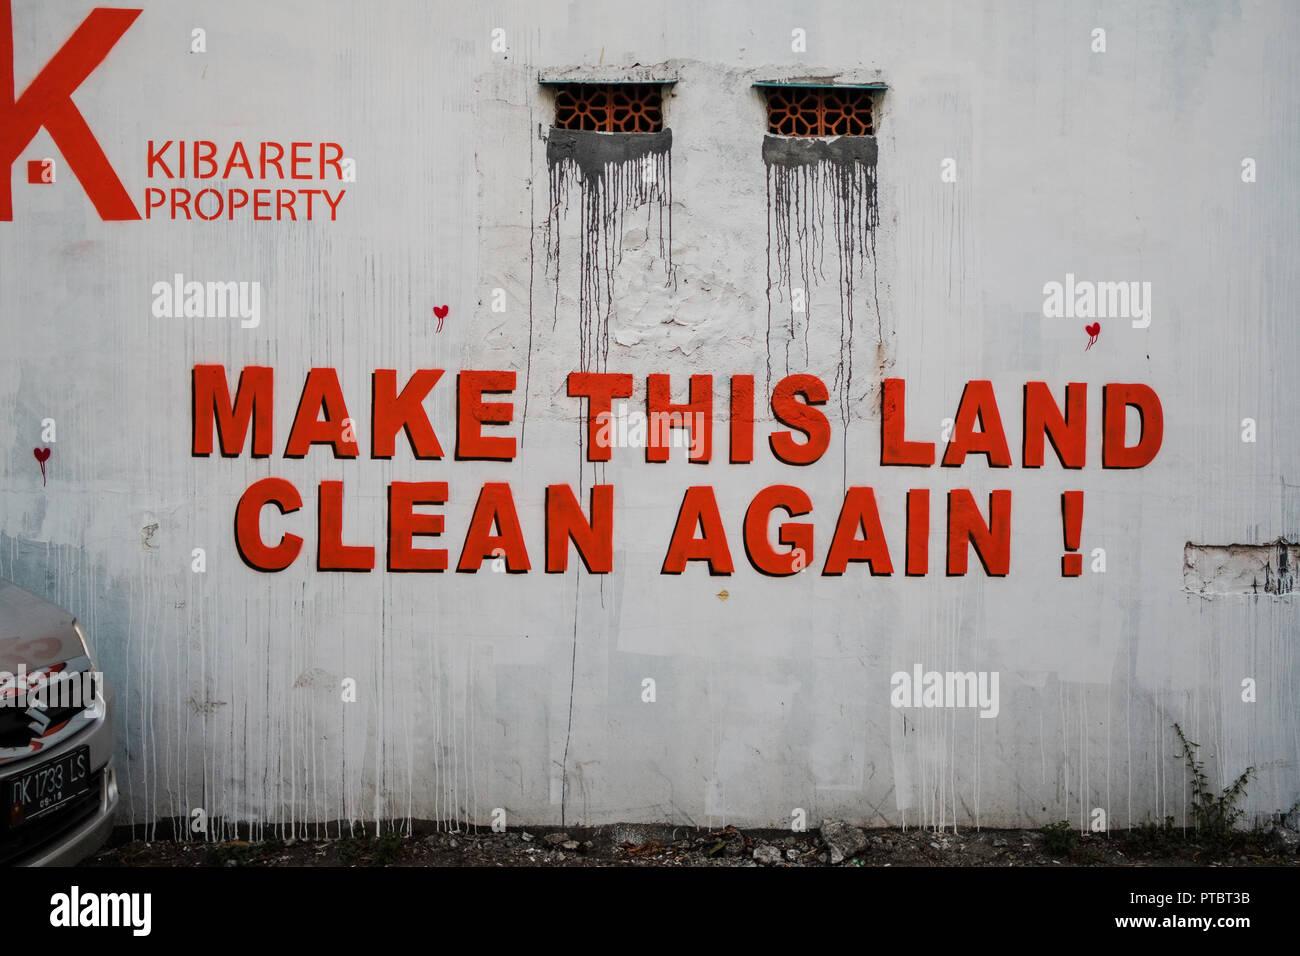 Mettre le terrain - Nettoyer à nouveau une déclaration environnementale à Bali, Indonésie Photo Stock